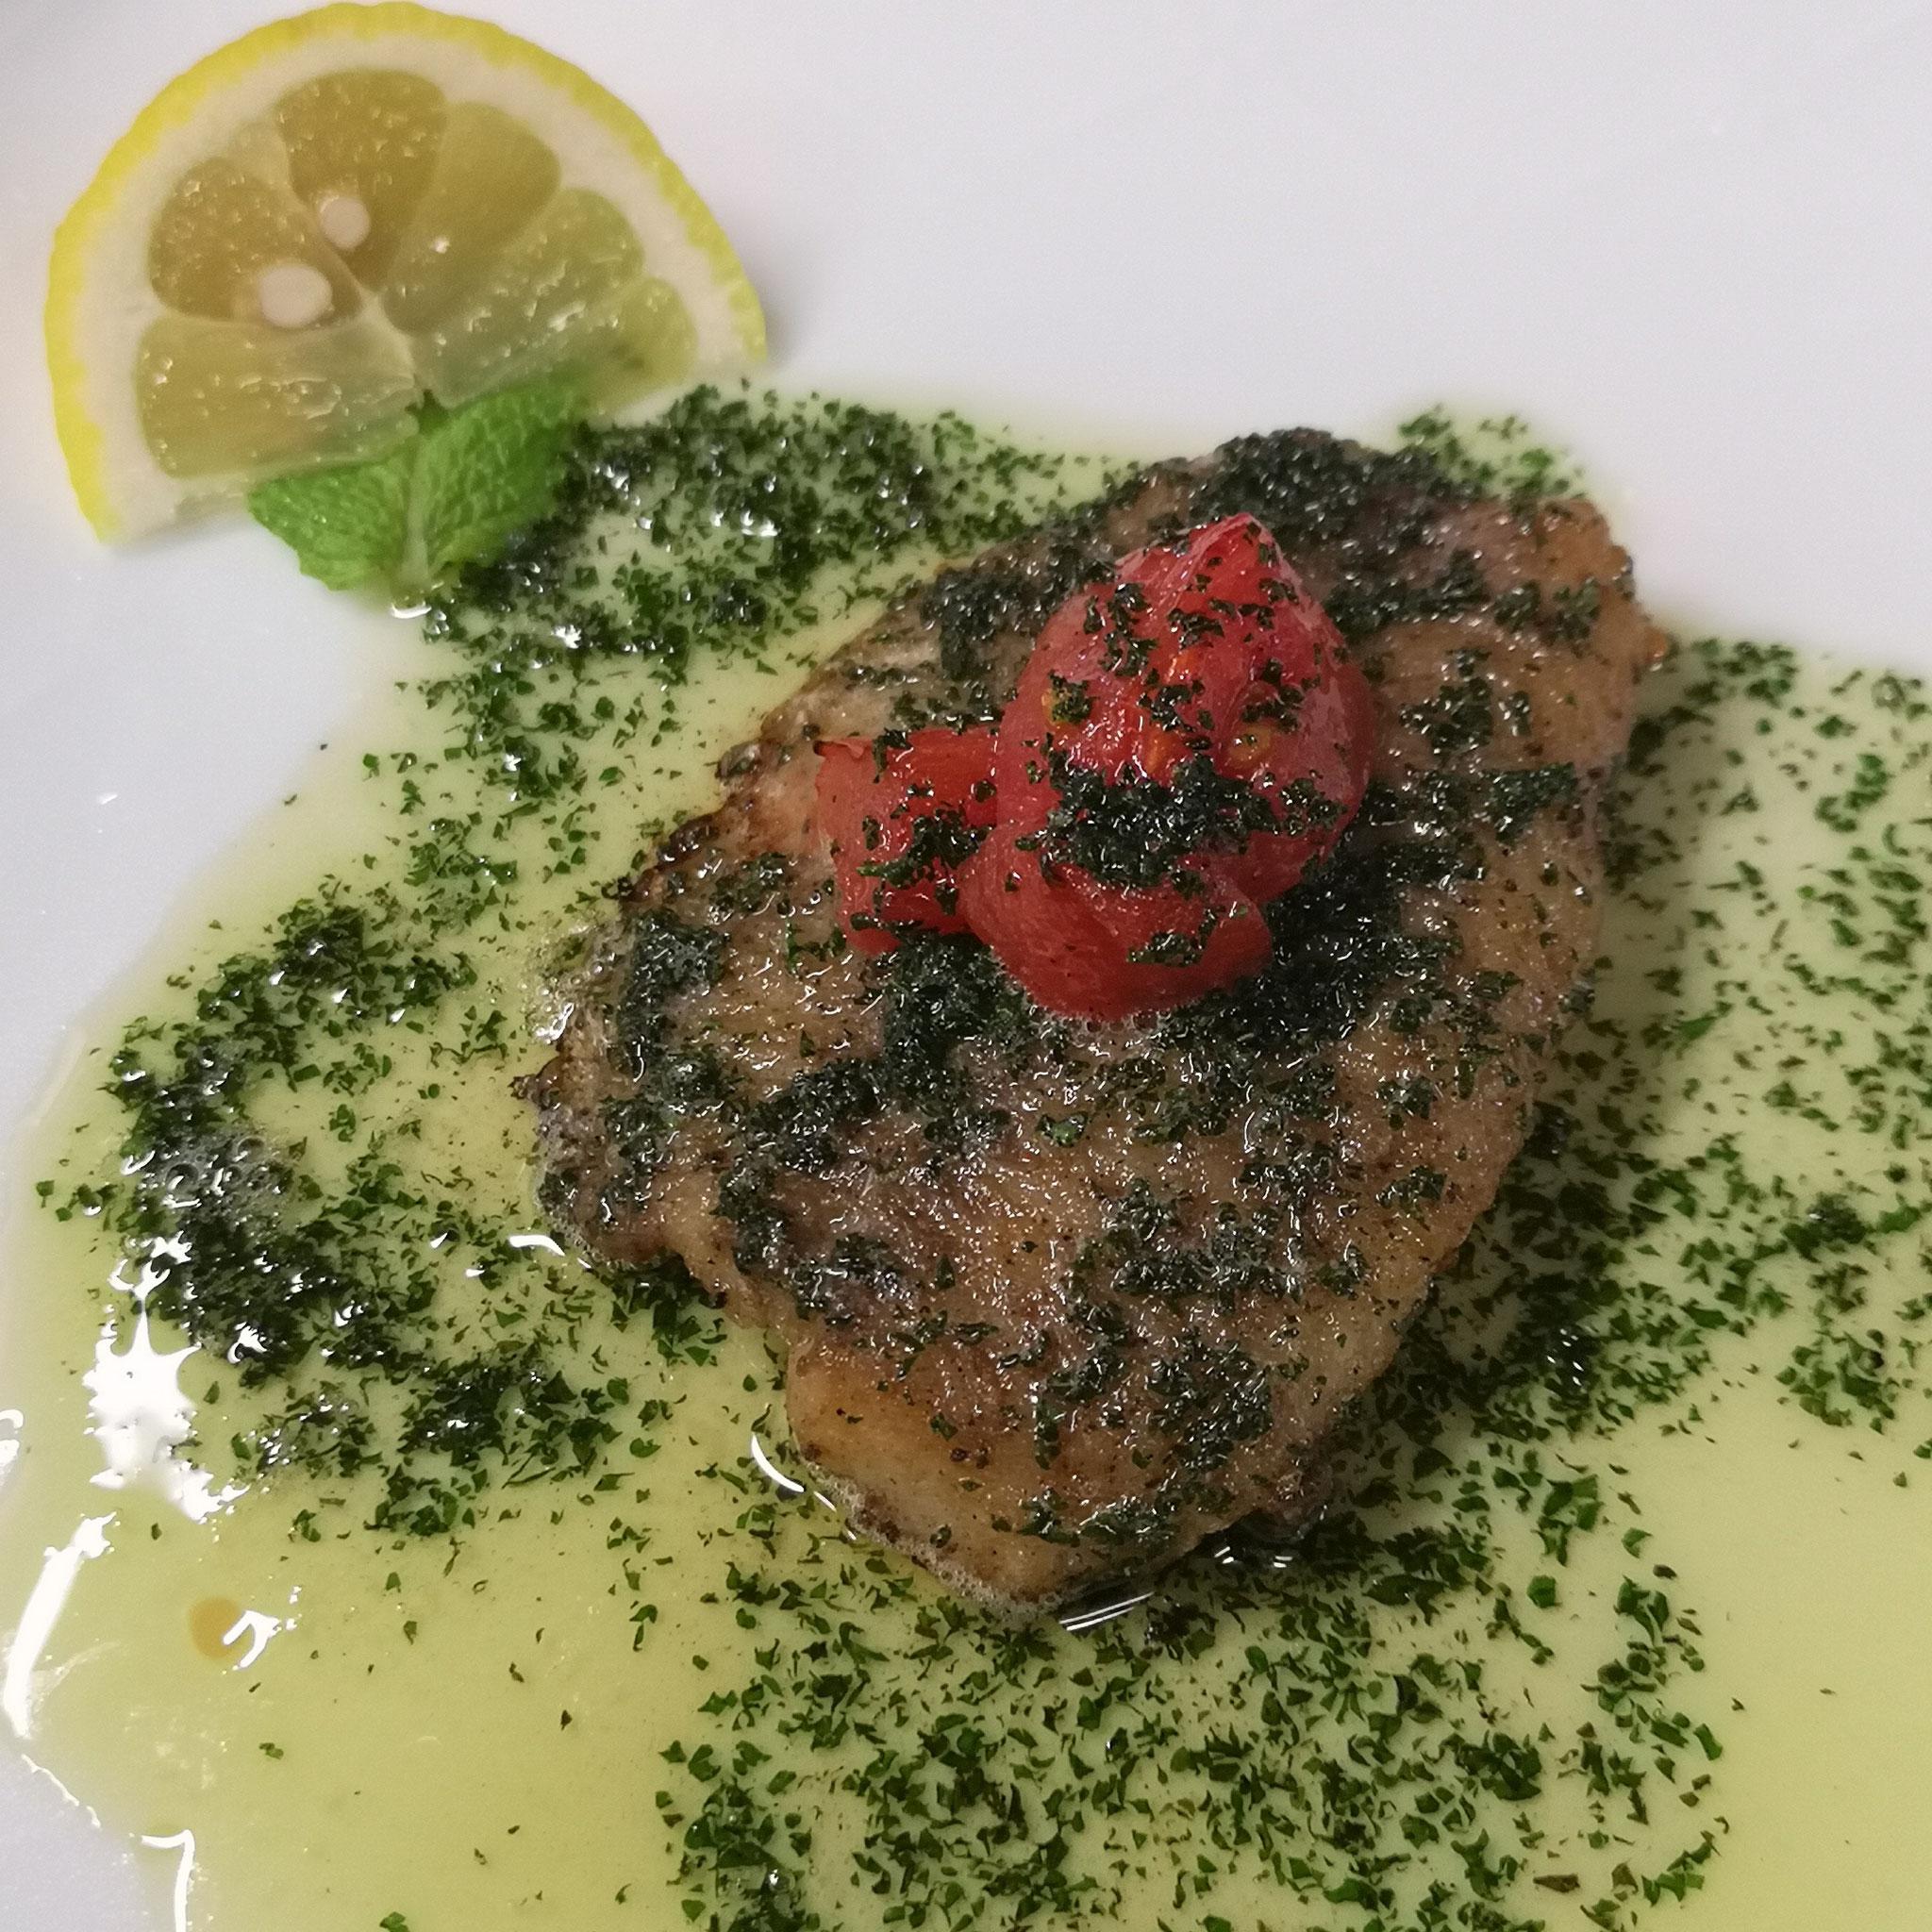 岐阜県美濃市 スモーク料理 燻製料理 レストラン 笑わず ランチタイム ディナーメニュー